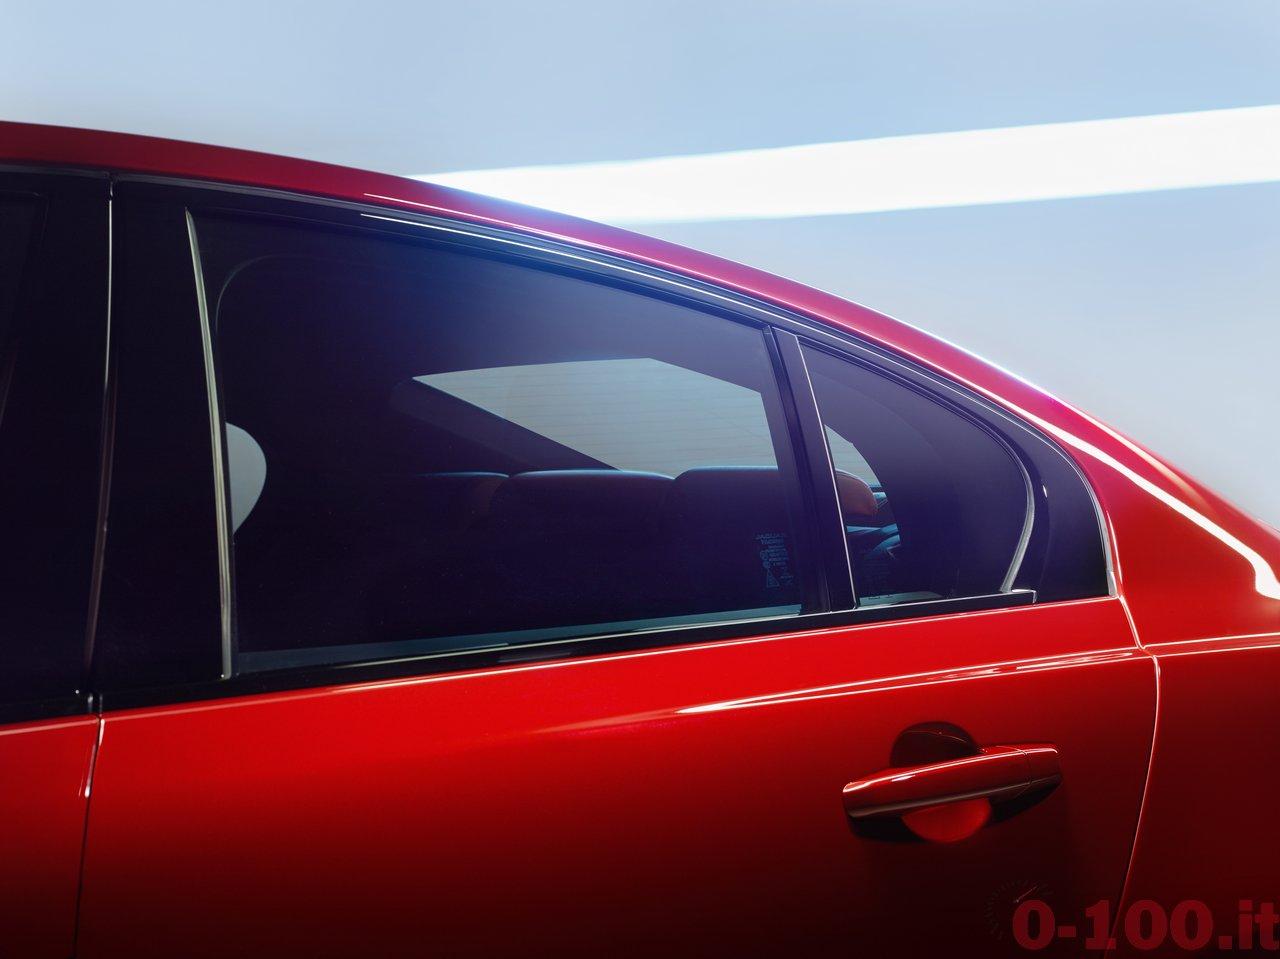 jaguar-xe-s-prezzo-price-2015_0-100_18